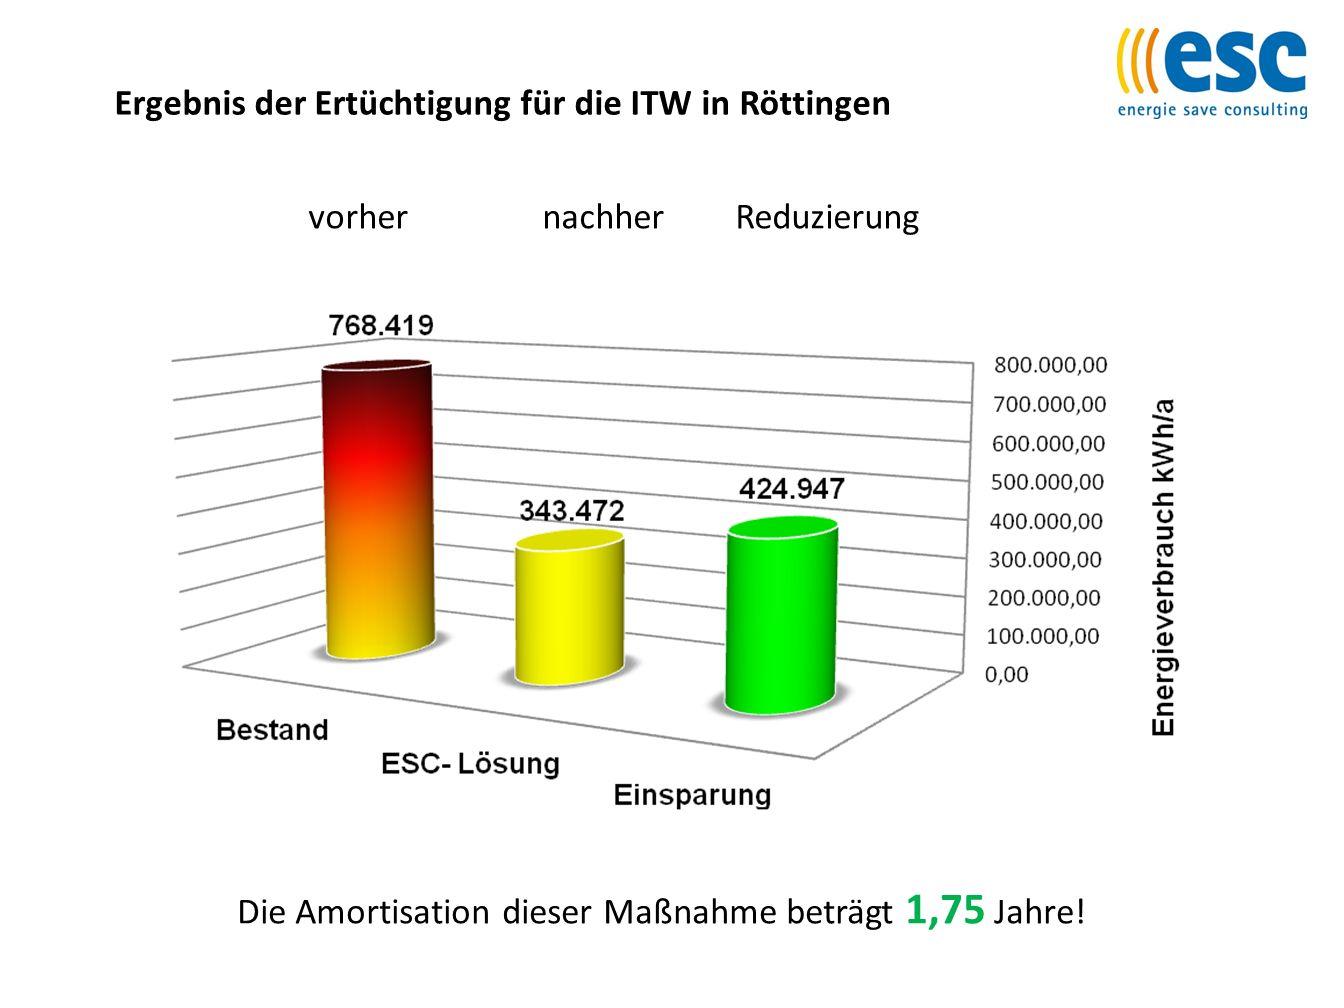 Ergebnis der Ertüchtigung für die ITW in Röttingen Die Amortisation dieser Maßnahme beträgt 1,75 Jahre! vorher nachher Reduzierung